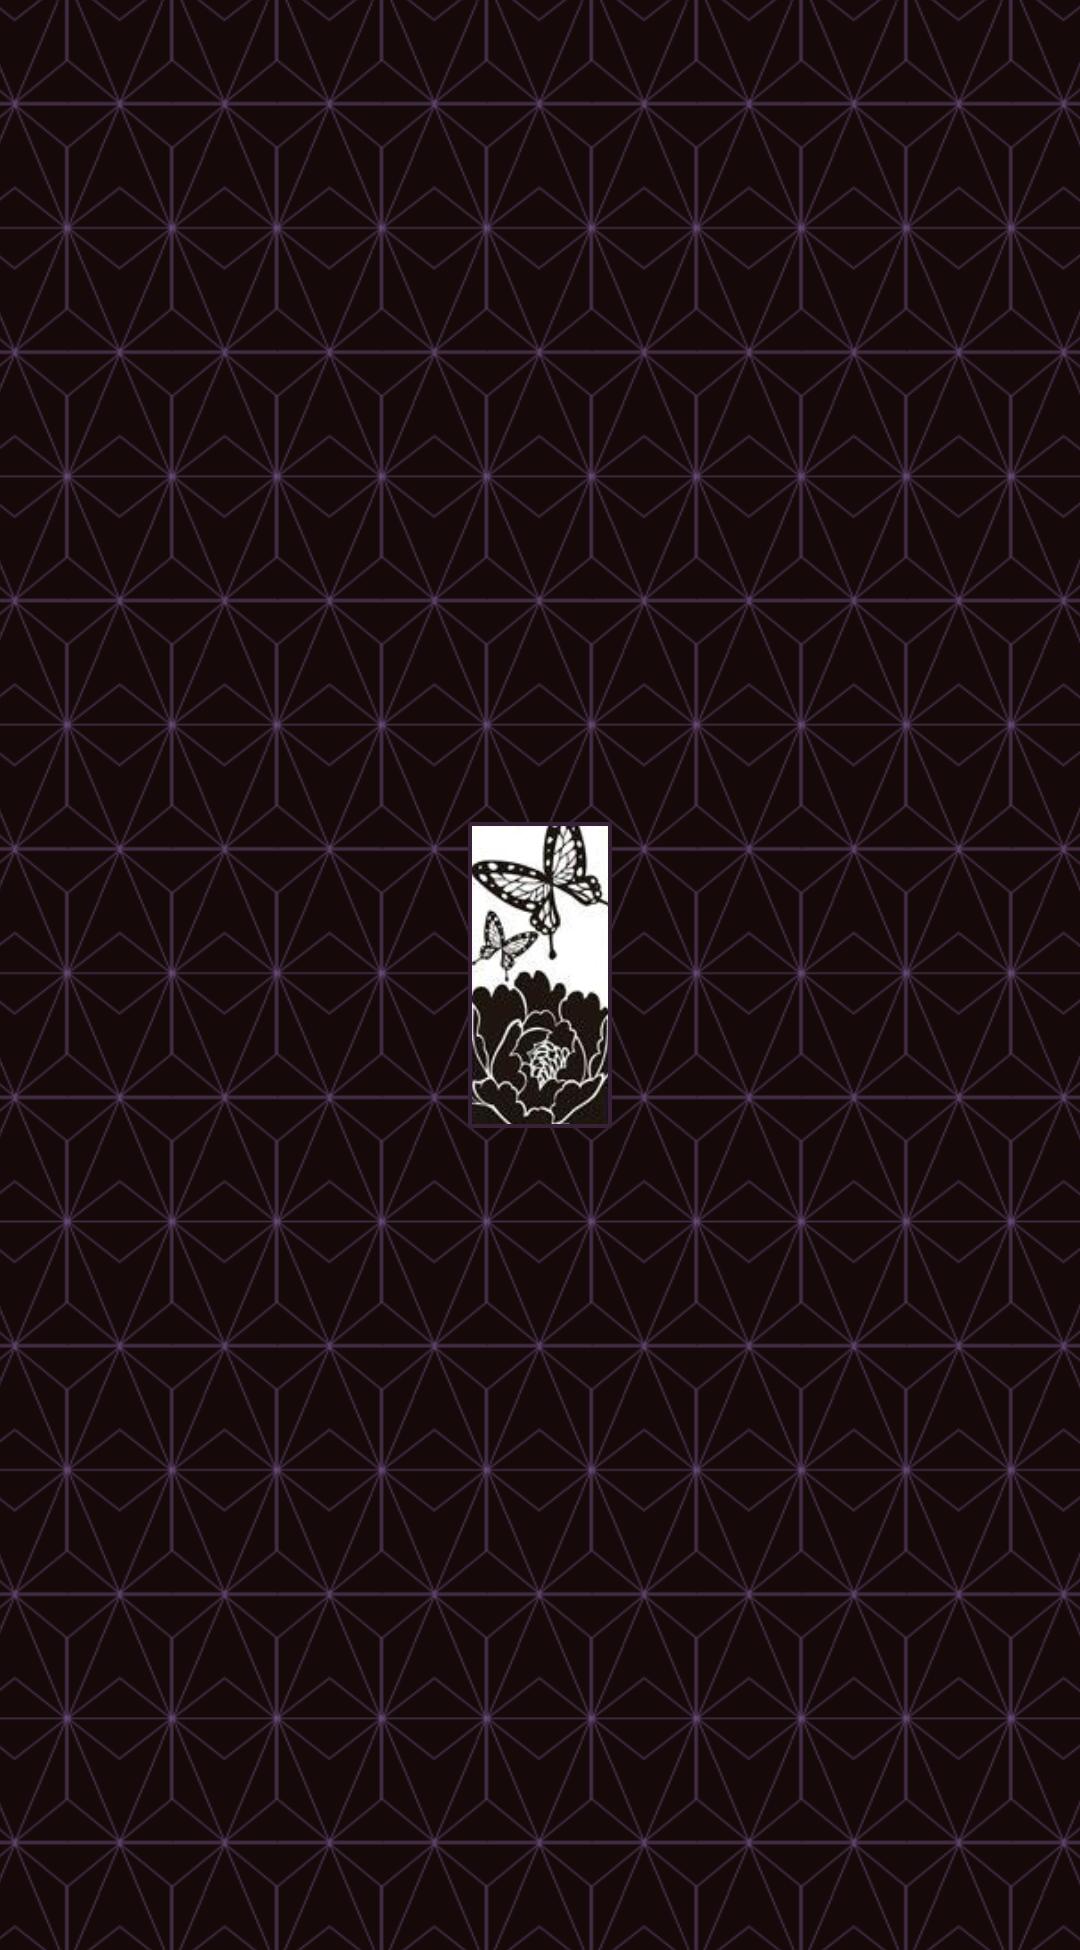 Kimetsu No Yaiba Pattern 1080p Mobile Wallpaper By Darkmesah On